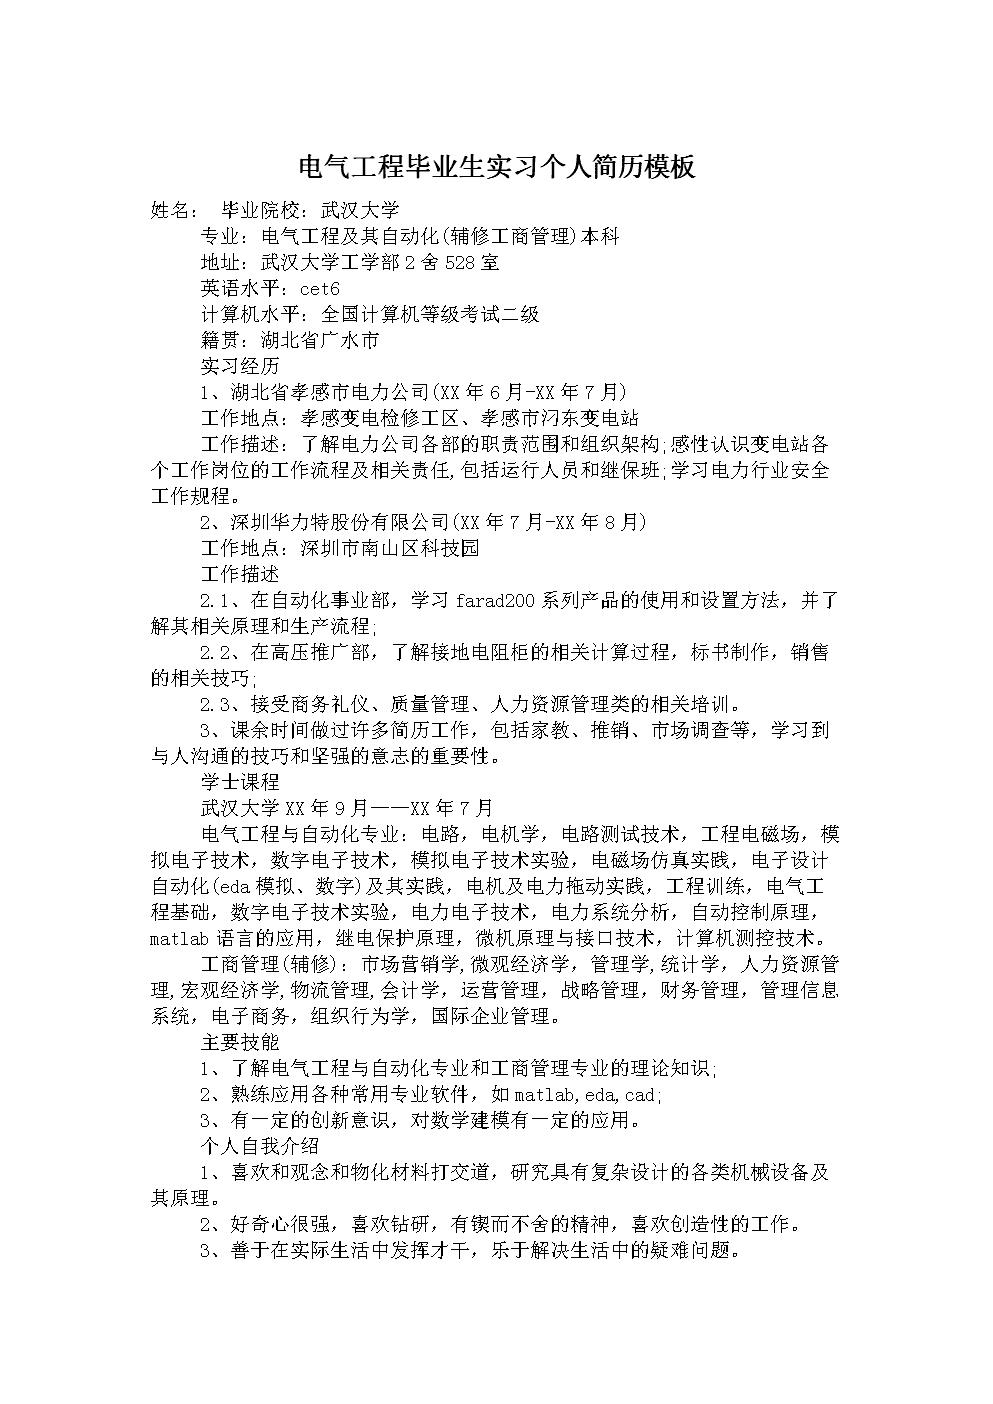 电气工程毕业生实习个人简历模板.doc